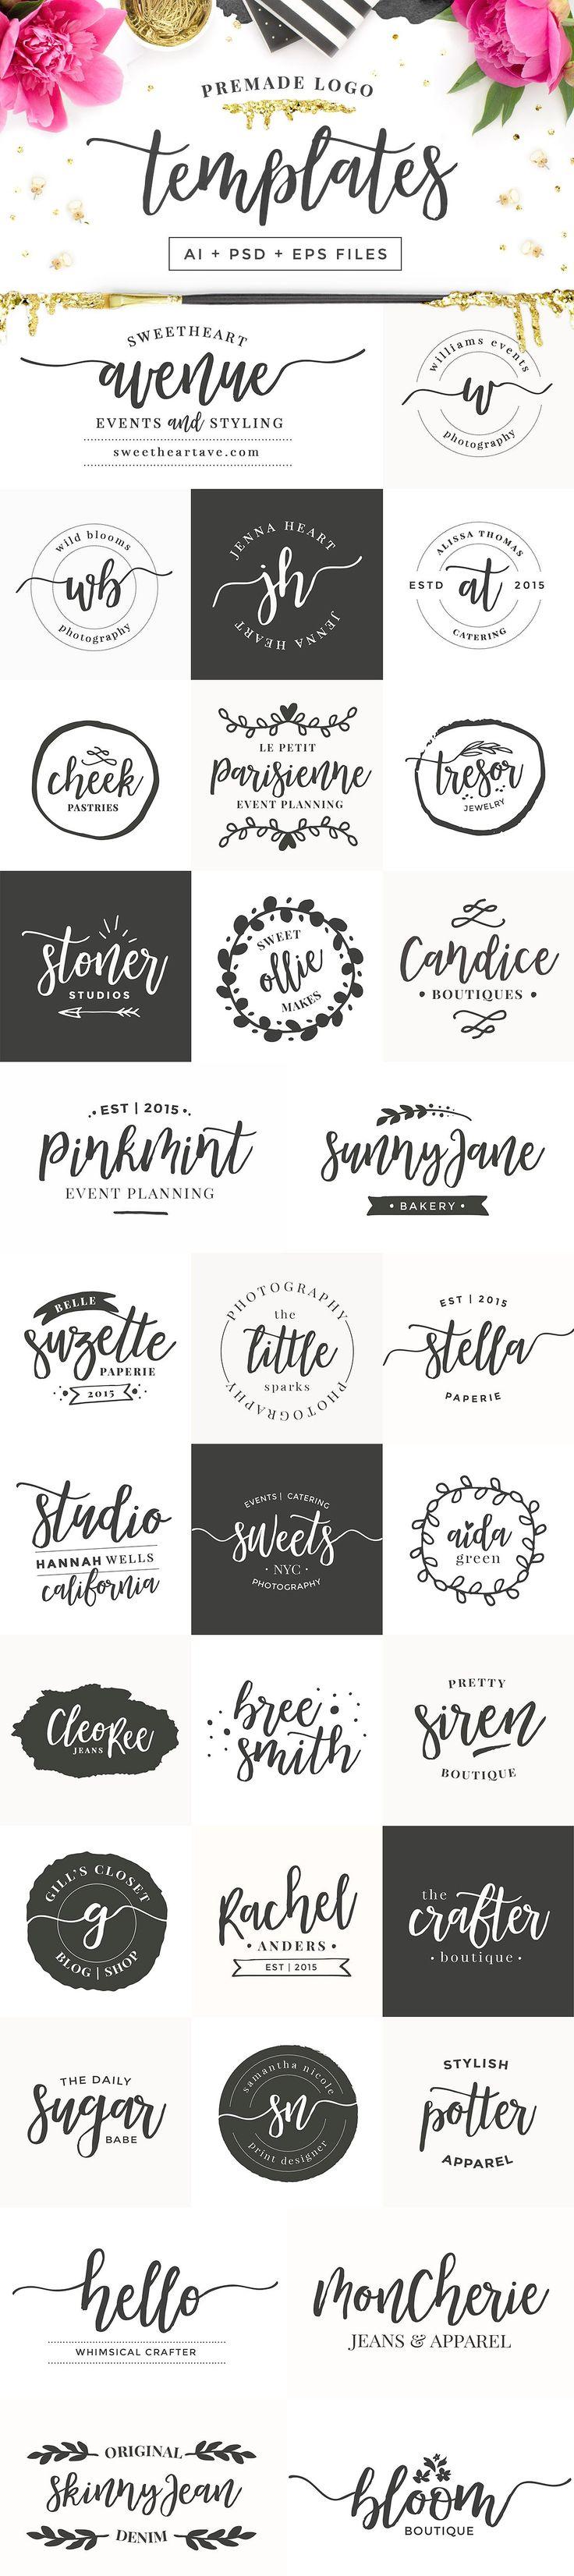 Mademoiselle LOGO KIT | Premade logo designs for Photoshop and Illustrator | Branding, blog design, patterns, watercolour, glitter, foil, brush script font